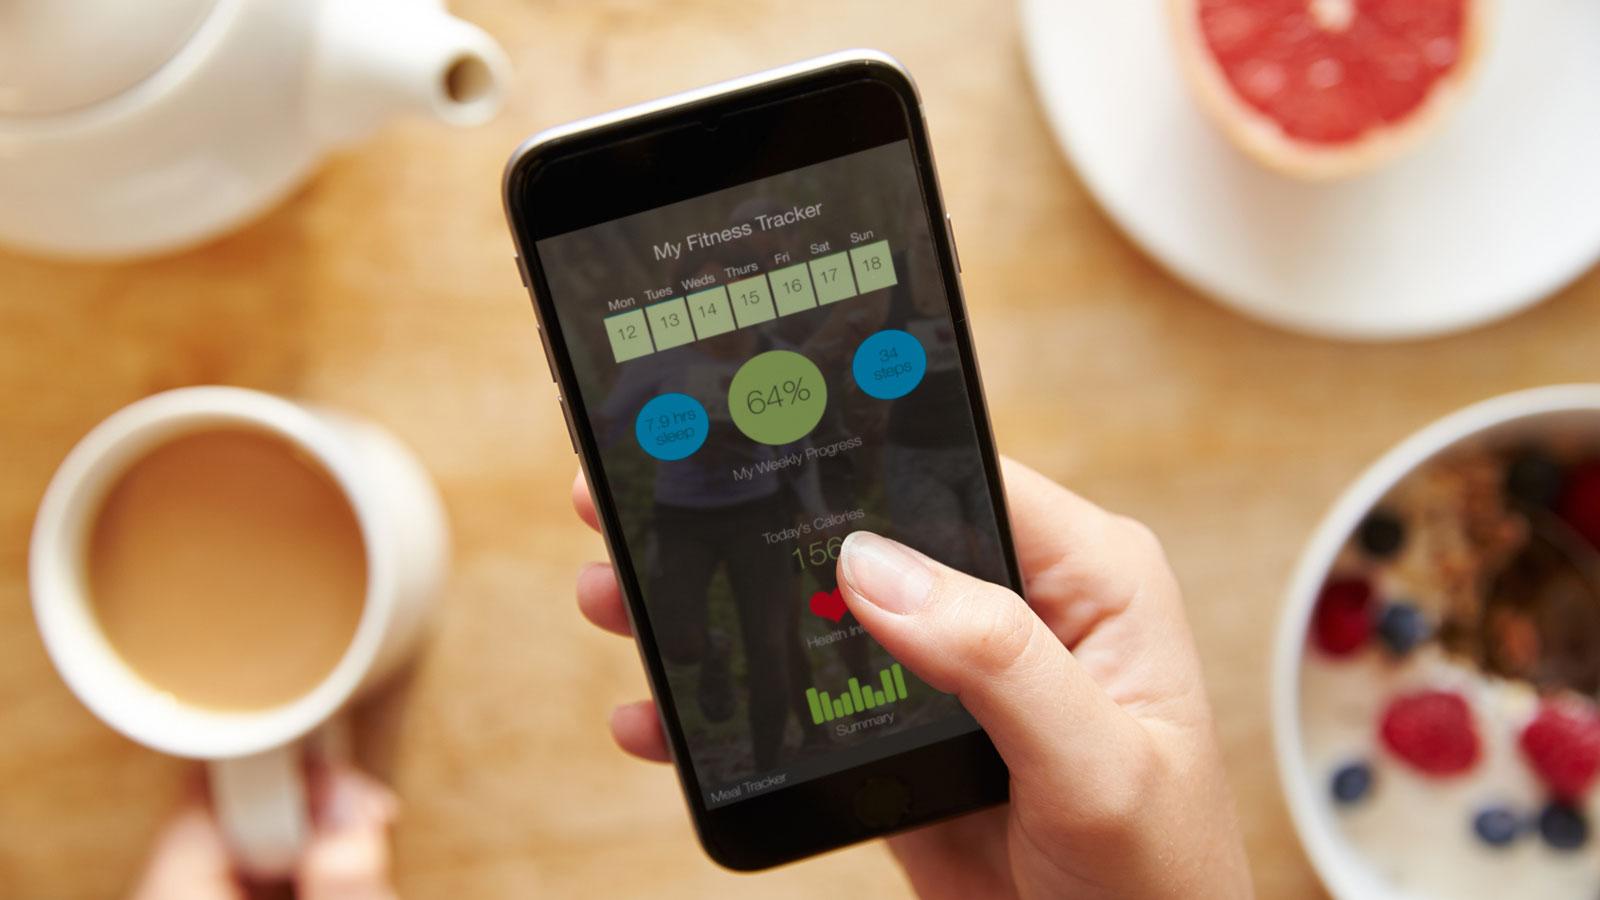 Gesundheits-Apps stehen für viele Einsatzbereiche zur Verfügung